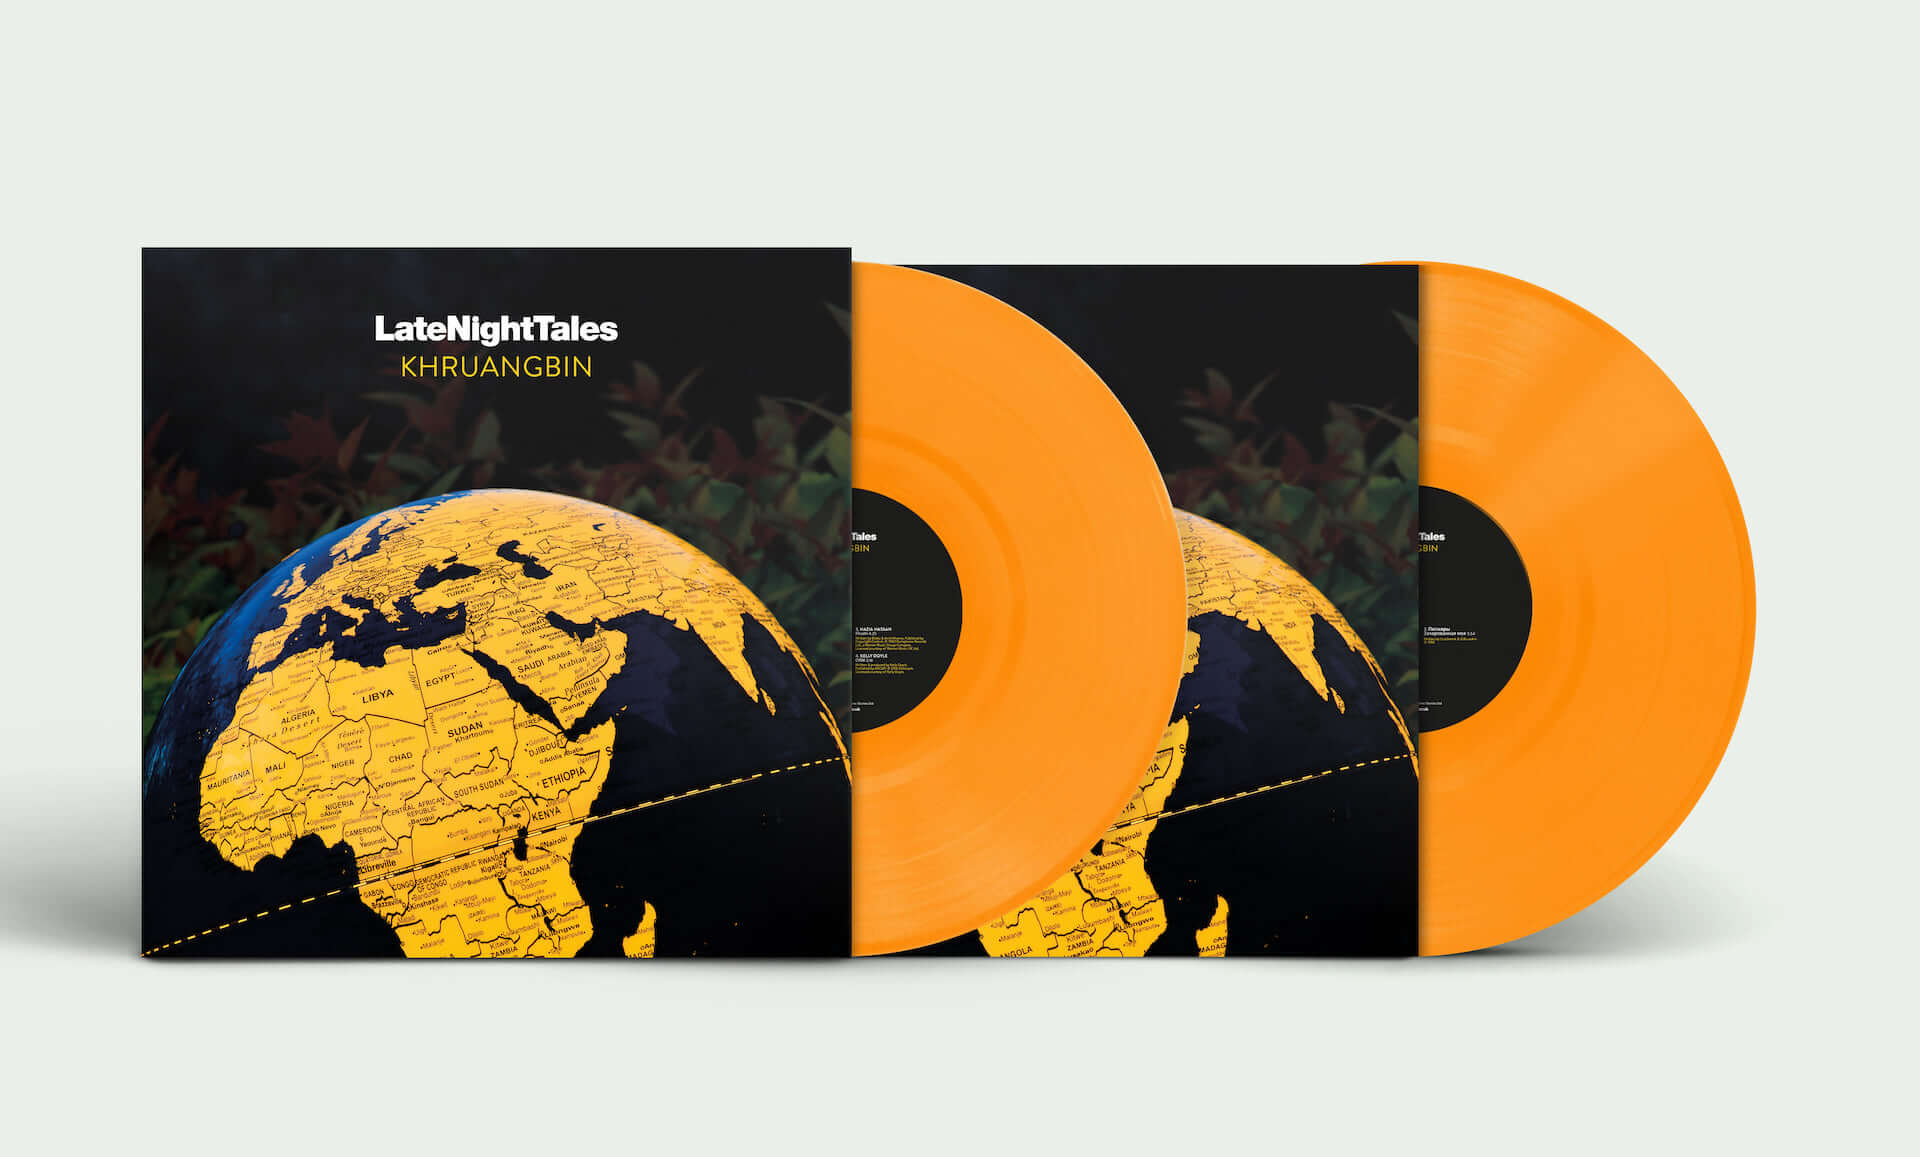 Khruangbinによる夜聴きコンピの決定盤「Late Night Tales」がリリース決定!萩原健一主演ドラマ『祭ばやしが聞こえる』の主題歌も収録 music201029_khruangbin_3-1920x1157